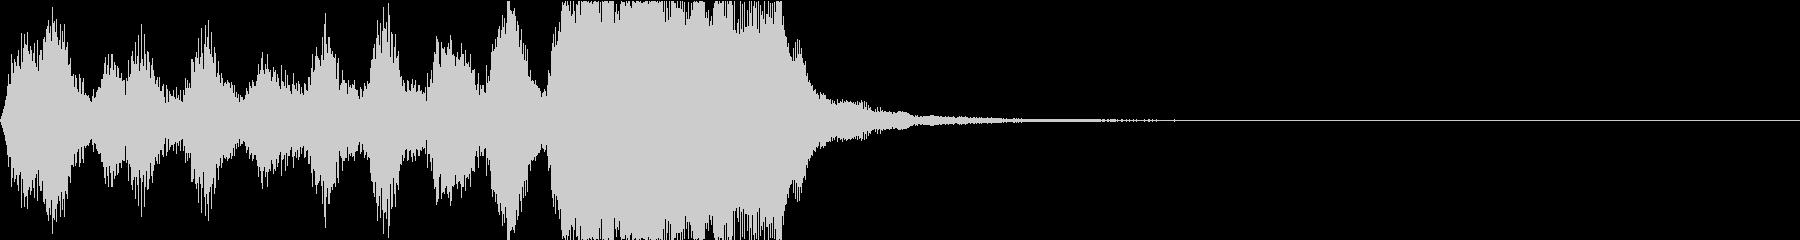 オーケストラによる入場のファンファーレの未再生の波形